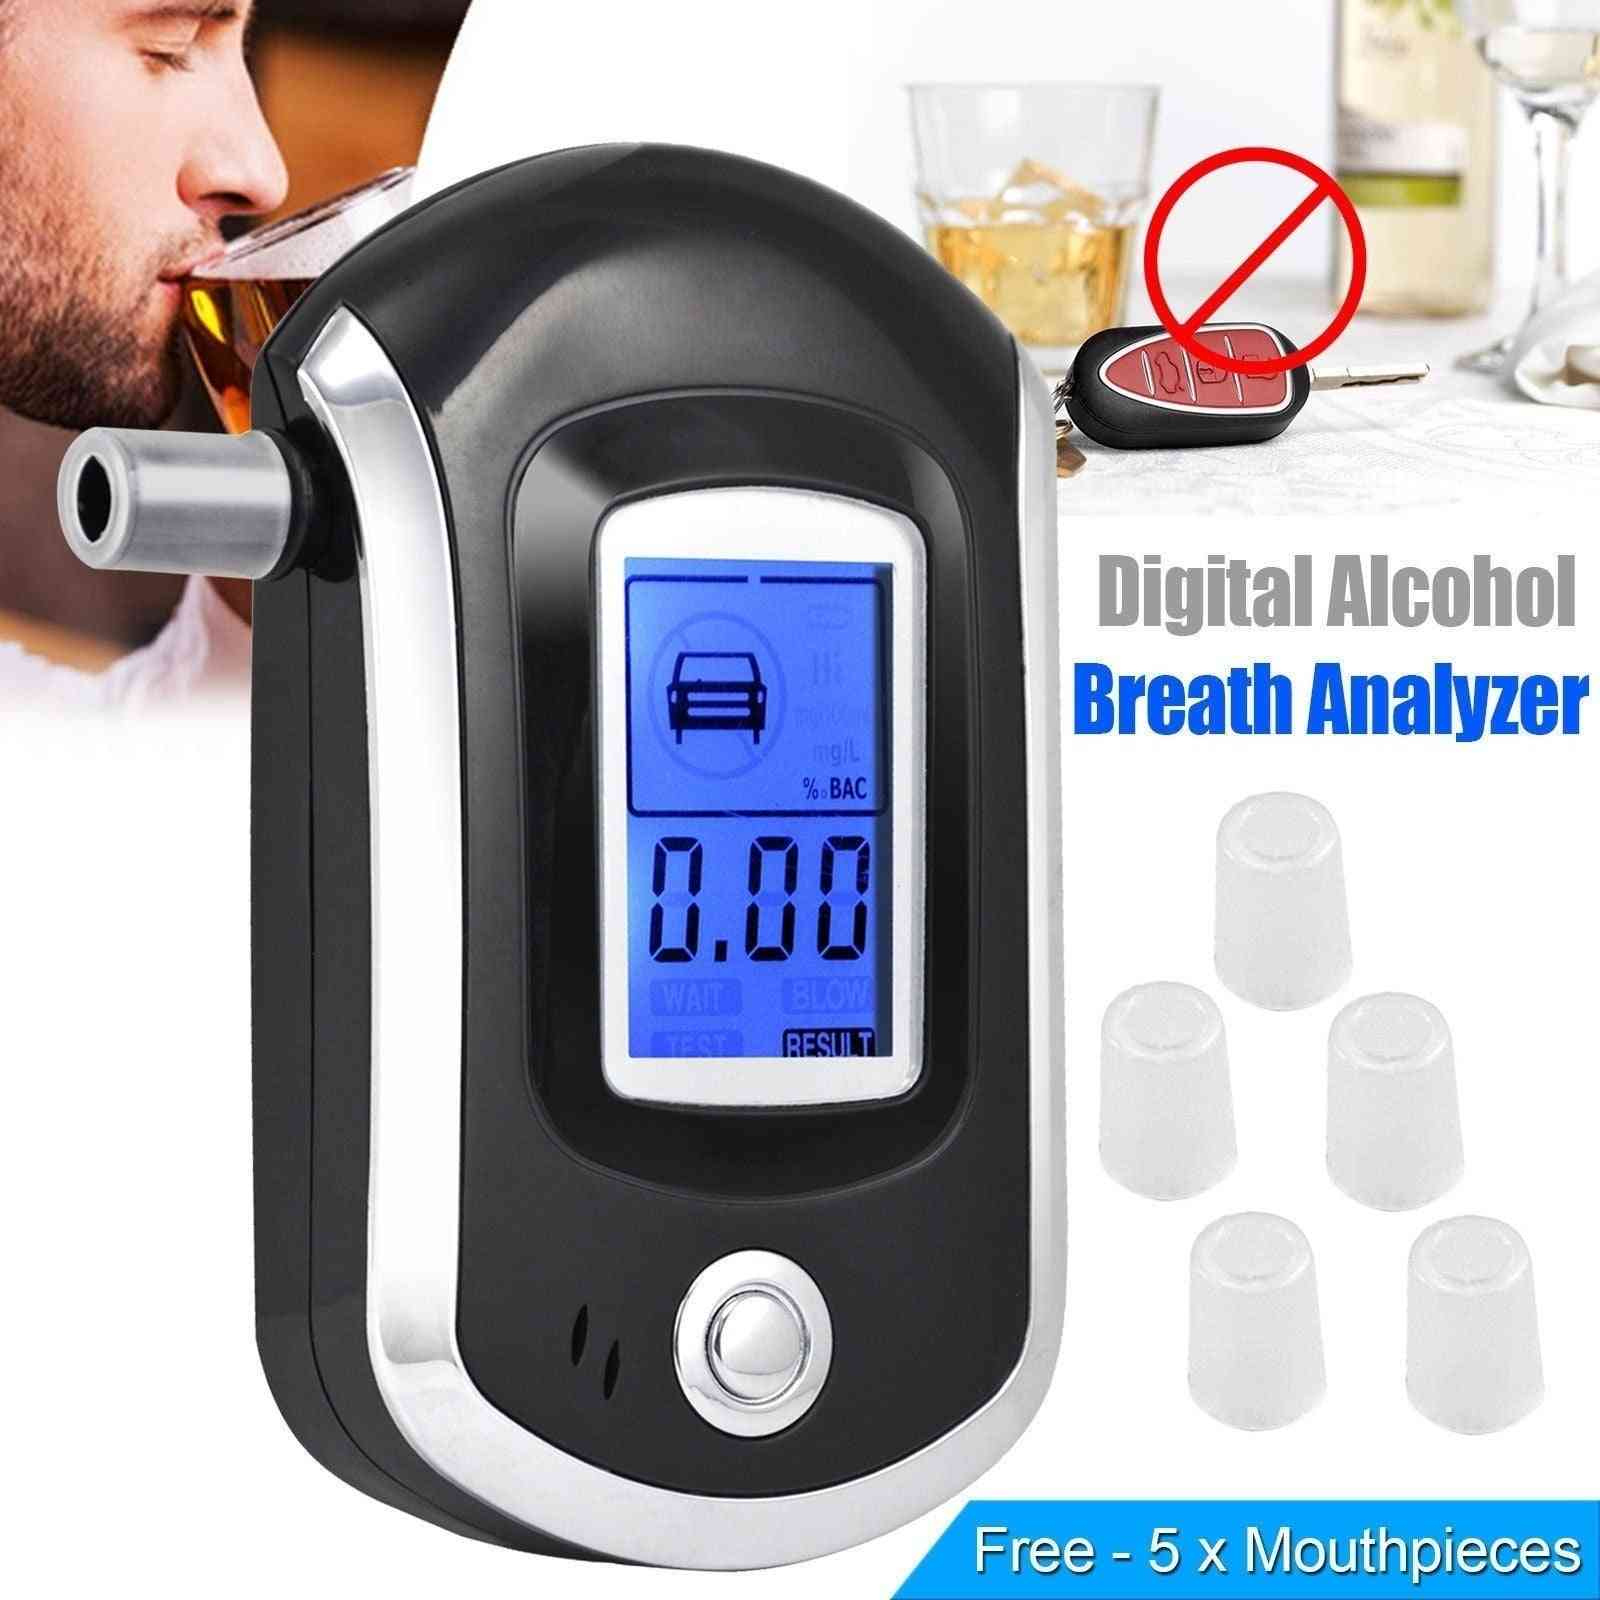 Digital Breath Alcohol Tester Breathalyzer Alcohol Breath Tester Alcohol Detector